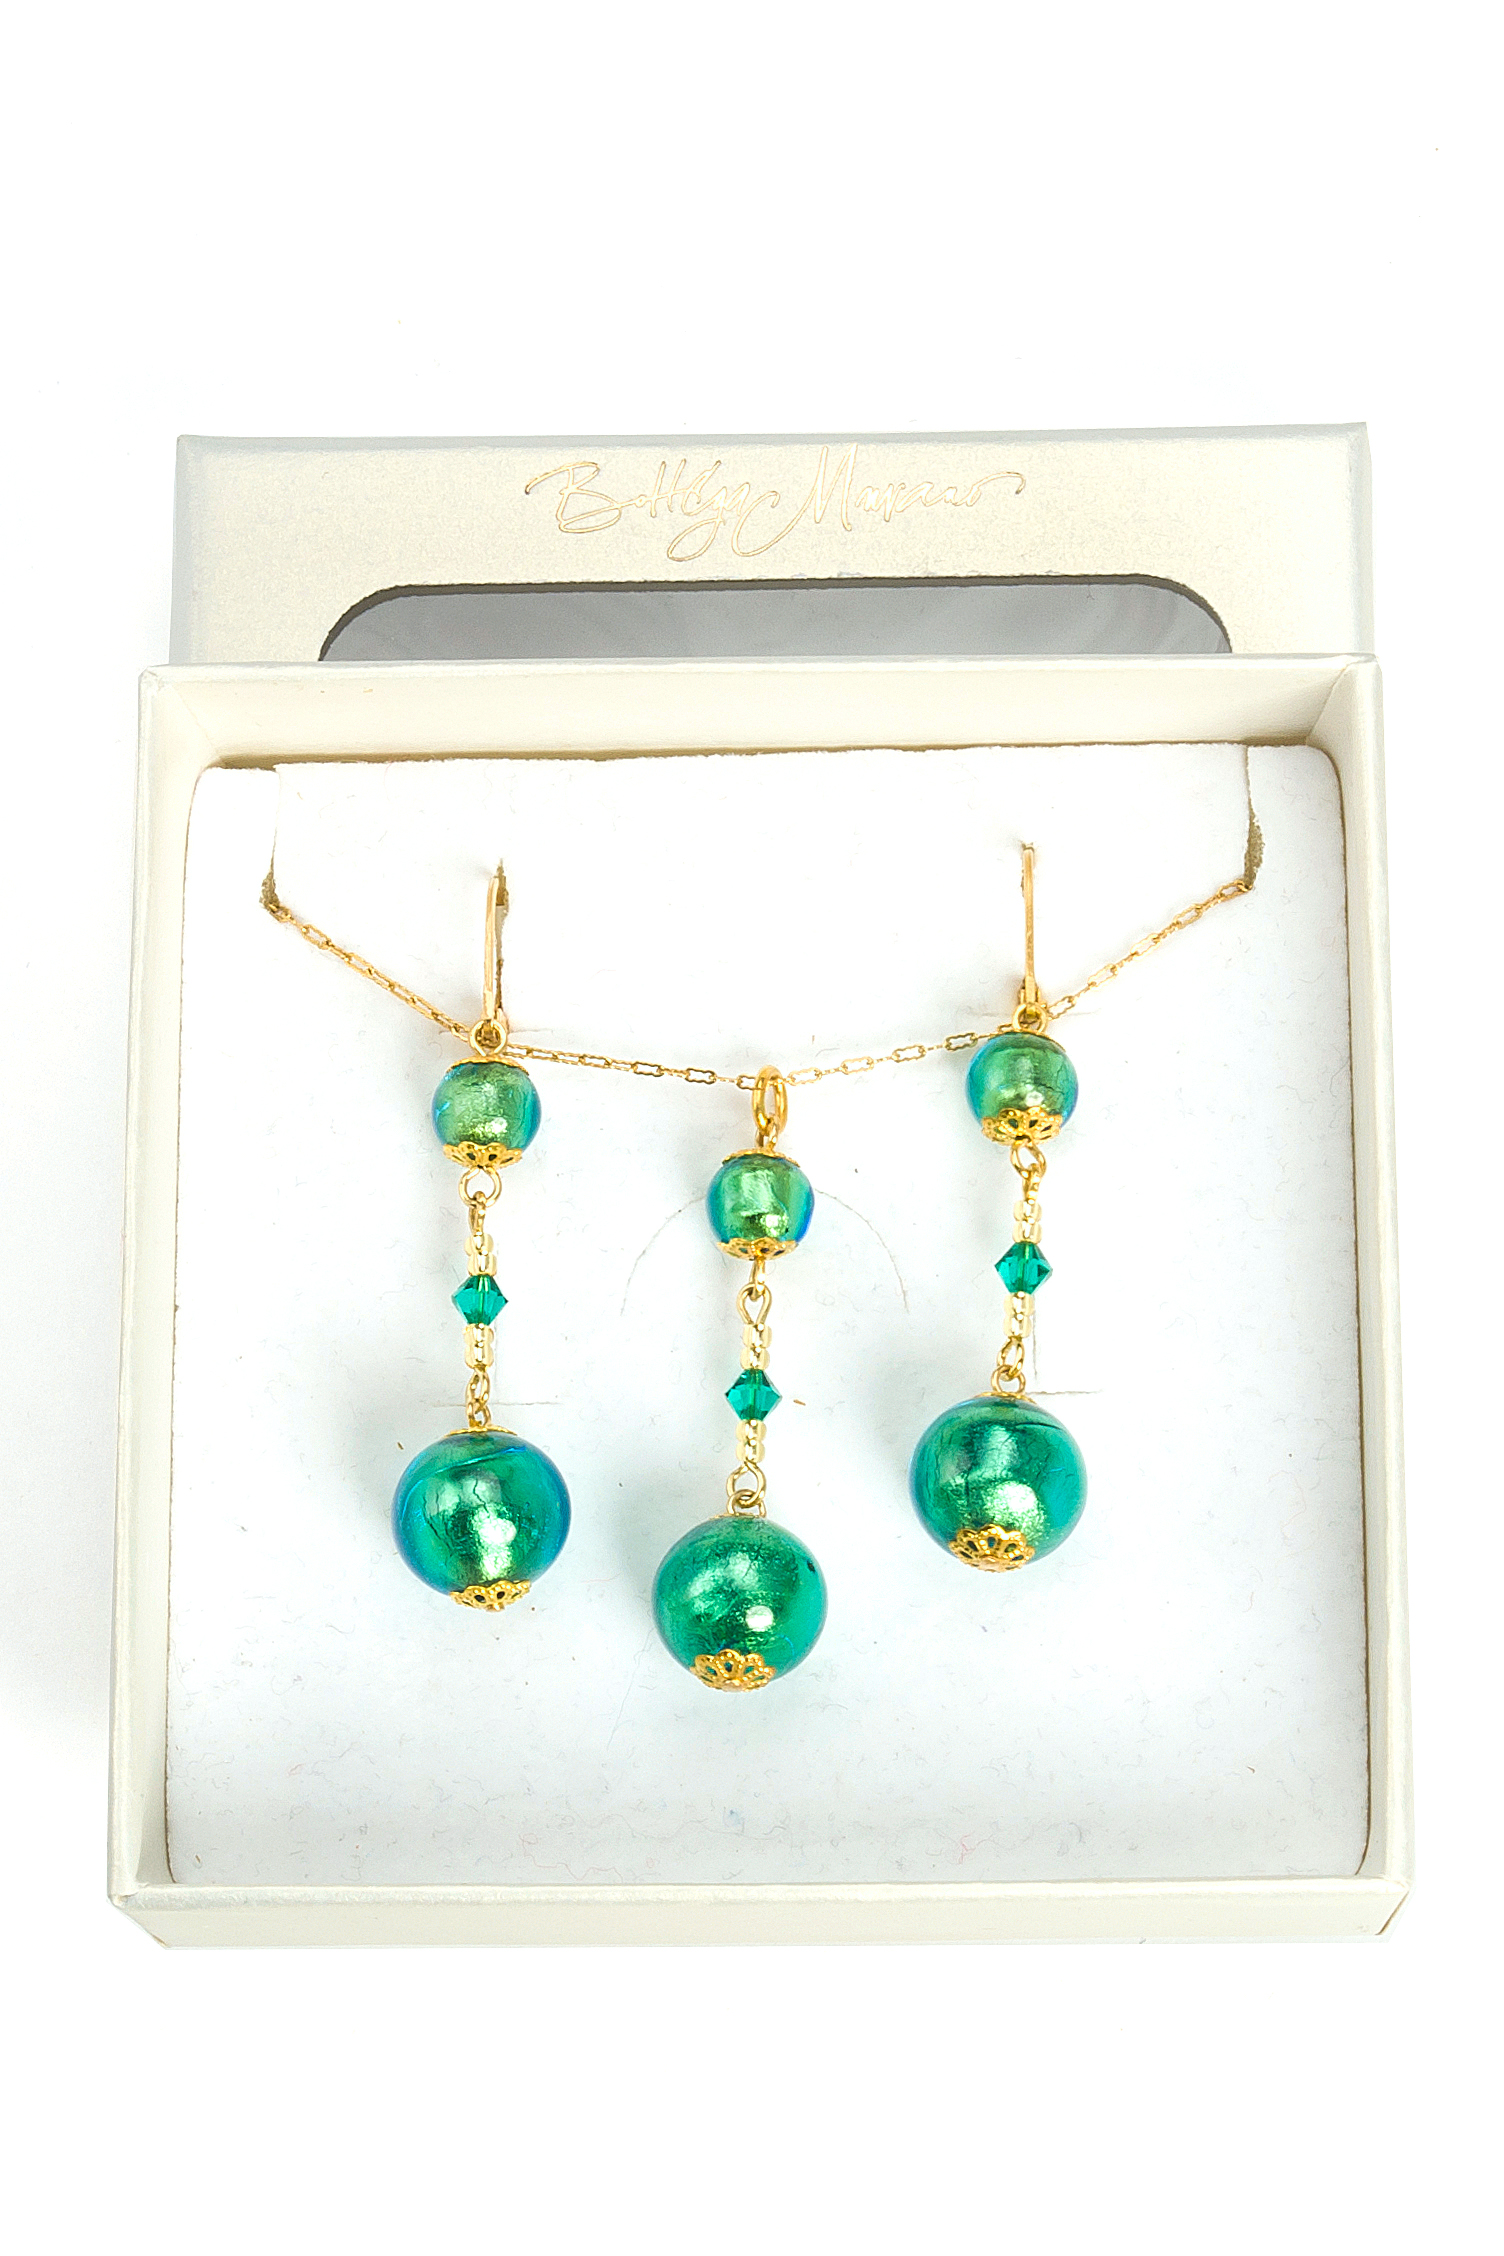 цена на Комплект бижутерии Bottega Murano 09010157-1 034О, Муранское стекло, зеленый